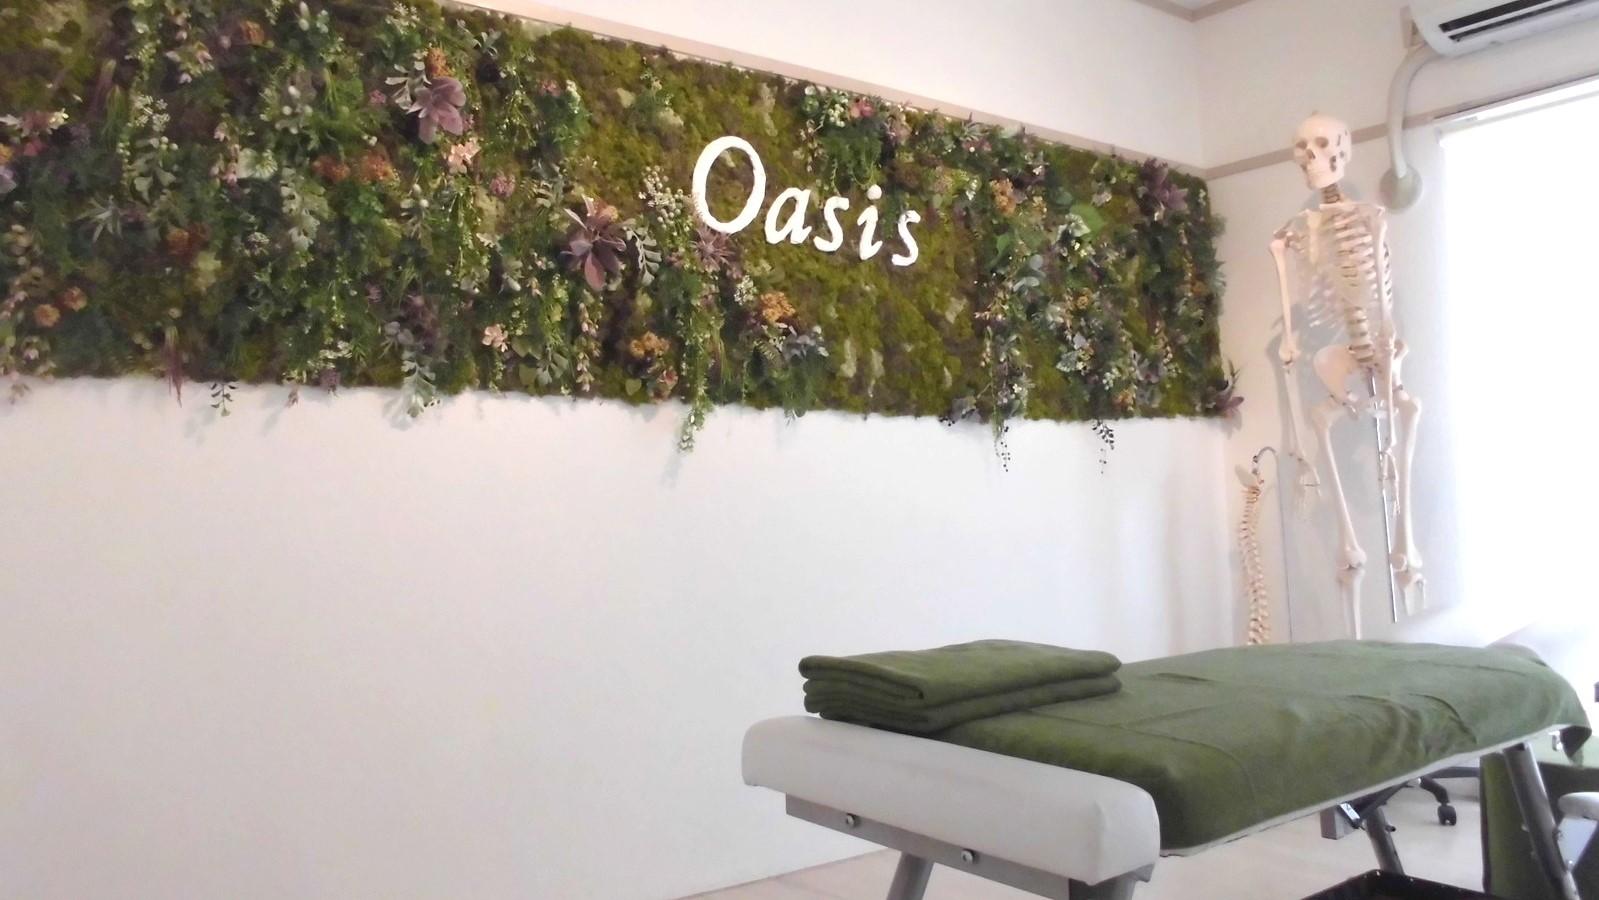 整体ボディケアサロン オアシス(Oasis)